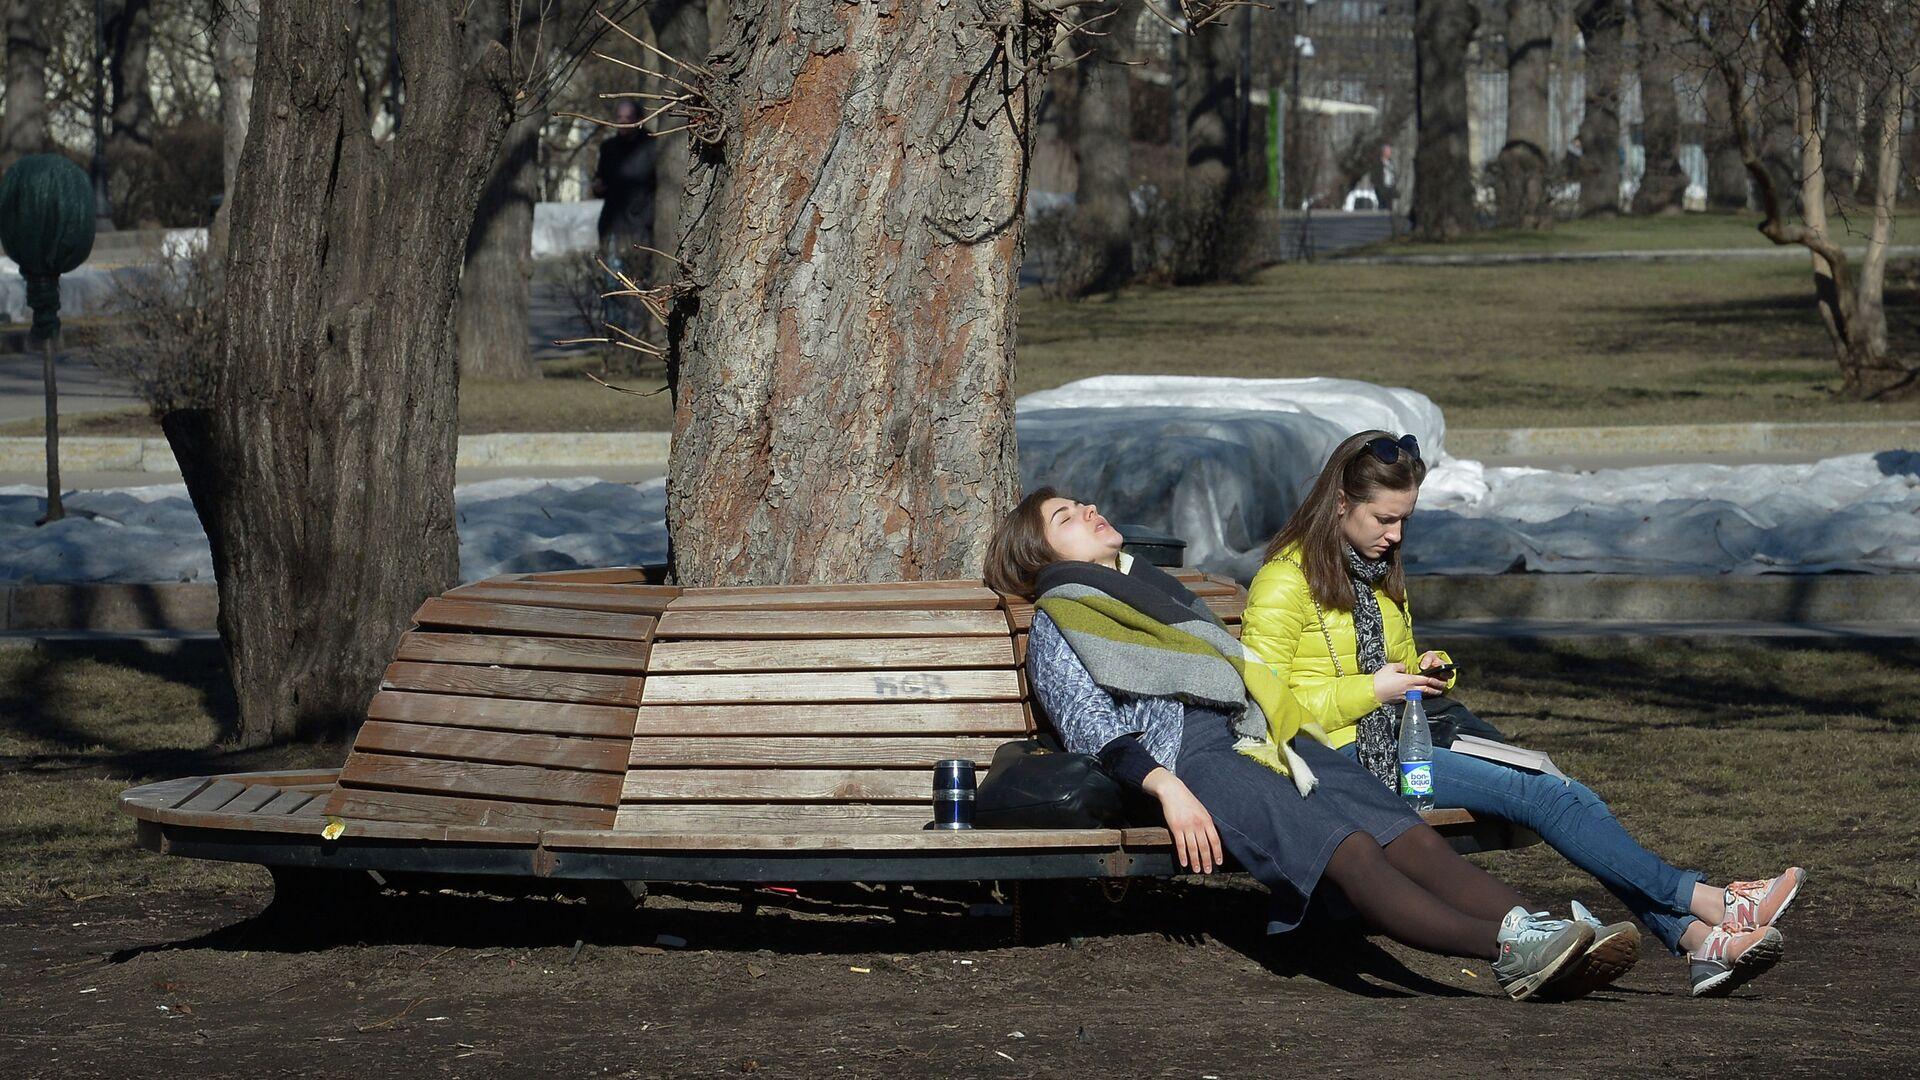 Горожане отдыхают в Парке культуры и отдыха имени Горького в Москве - РИА Новости, 1920, 18.03.2021